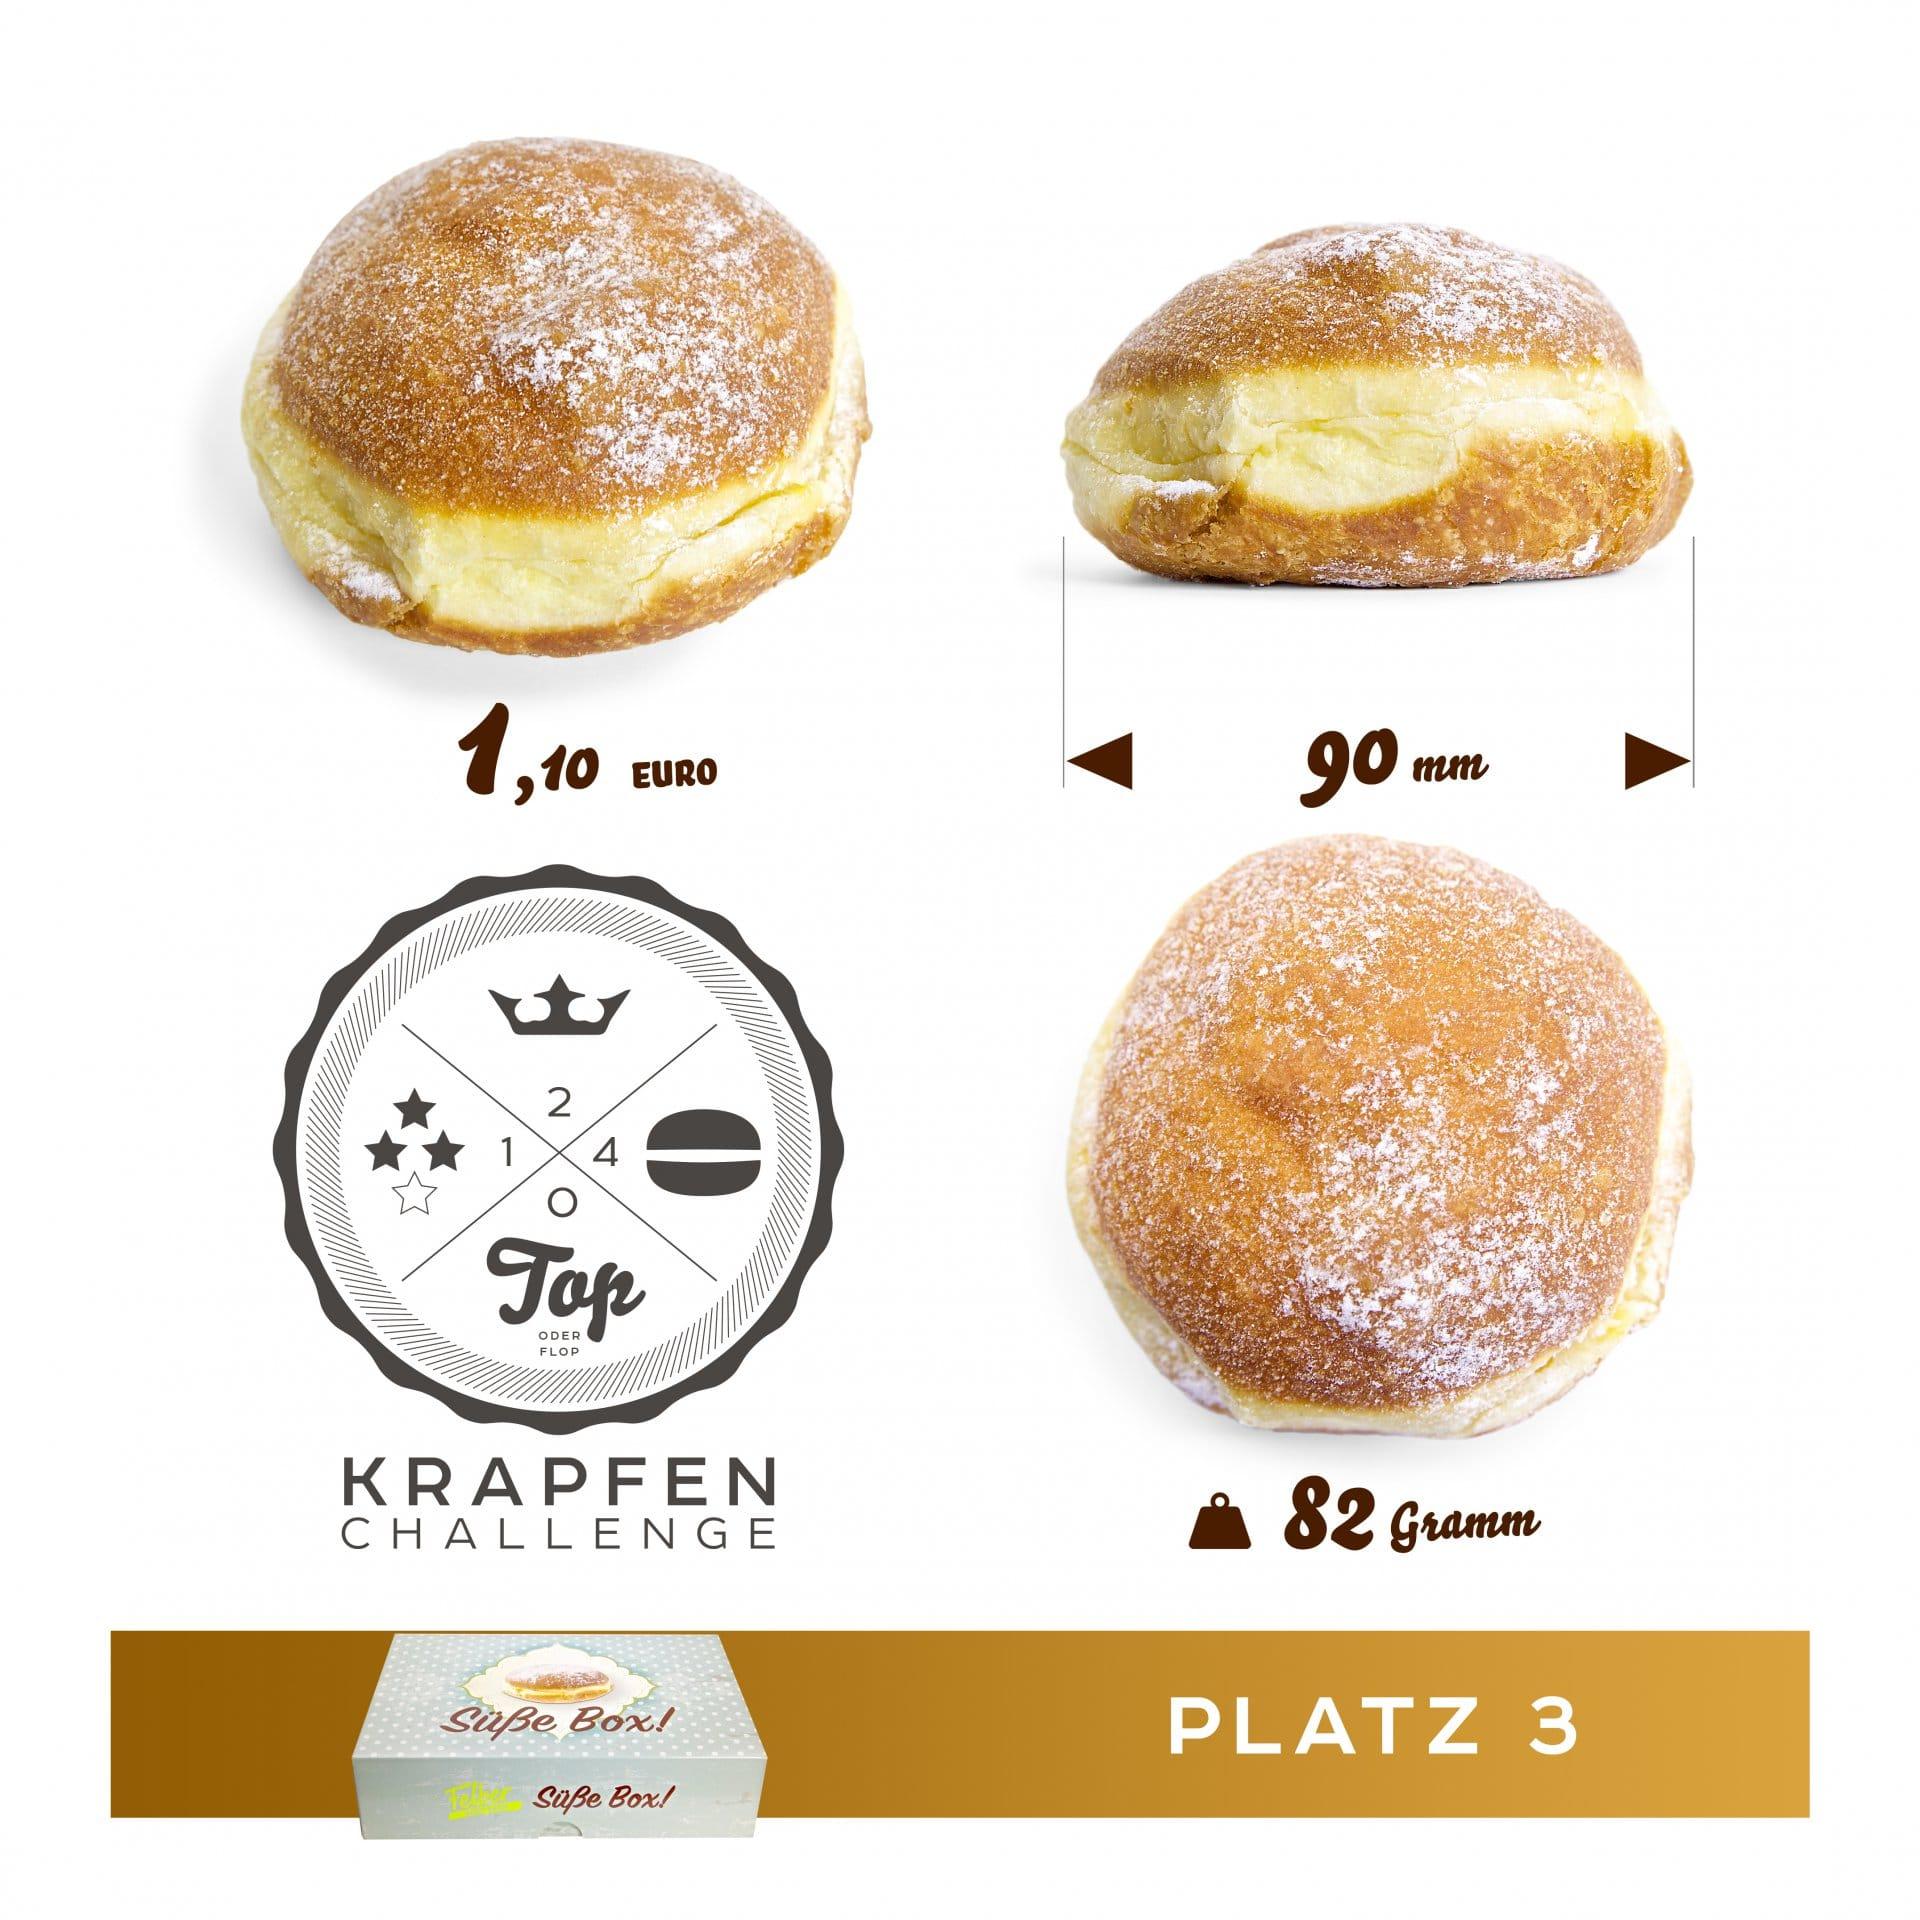 2014 krapfentest 03